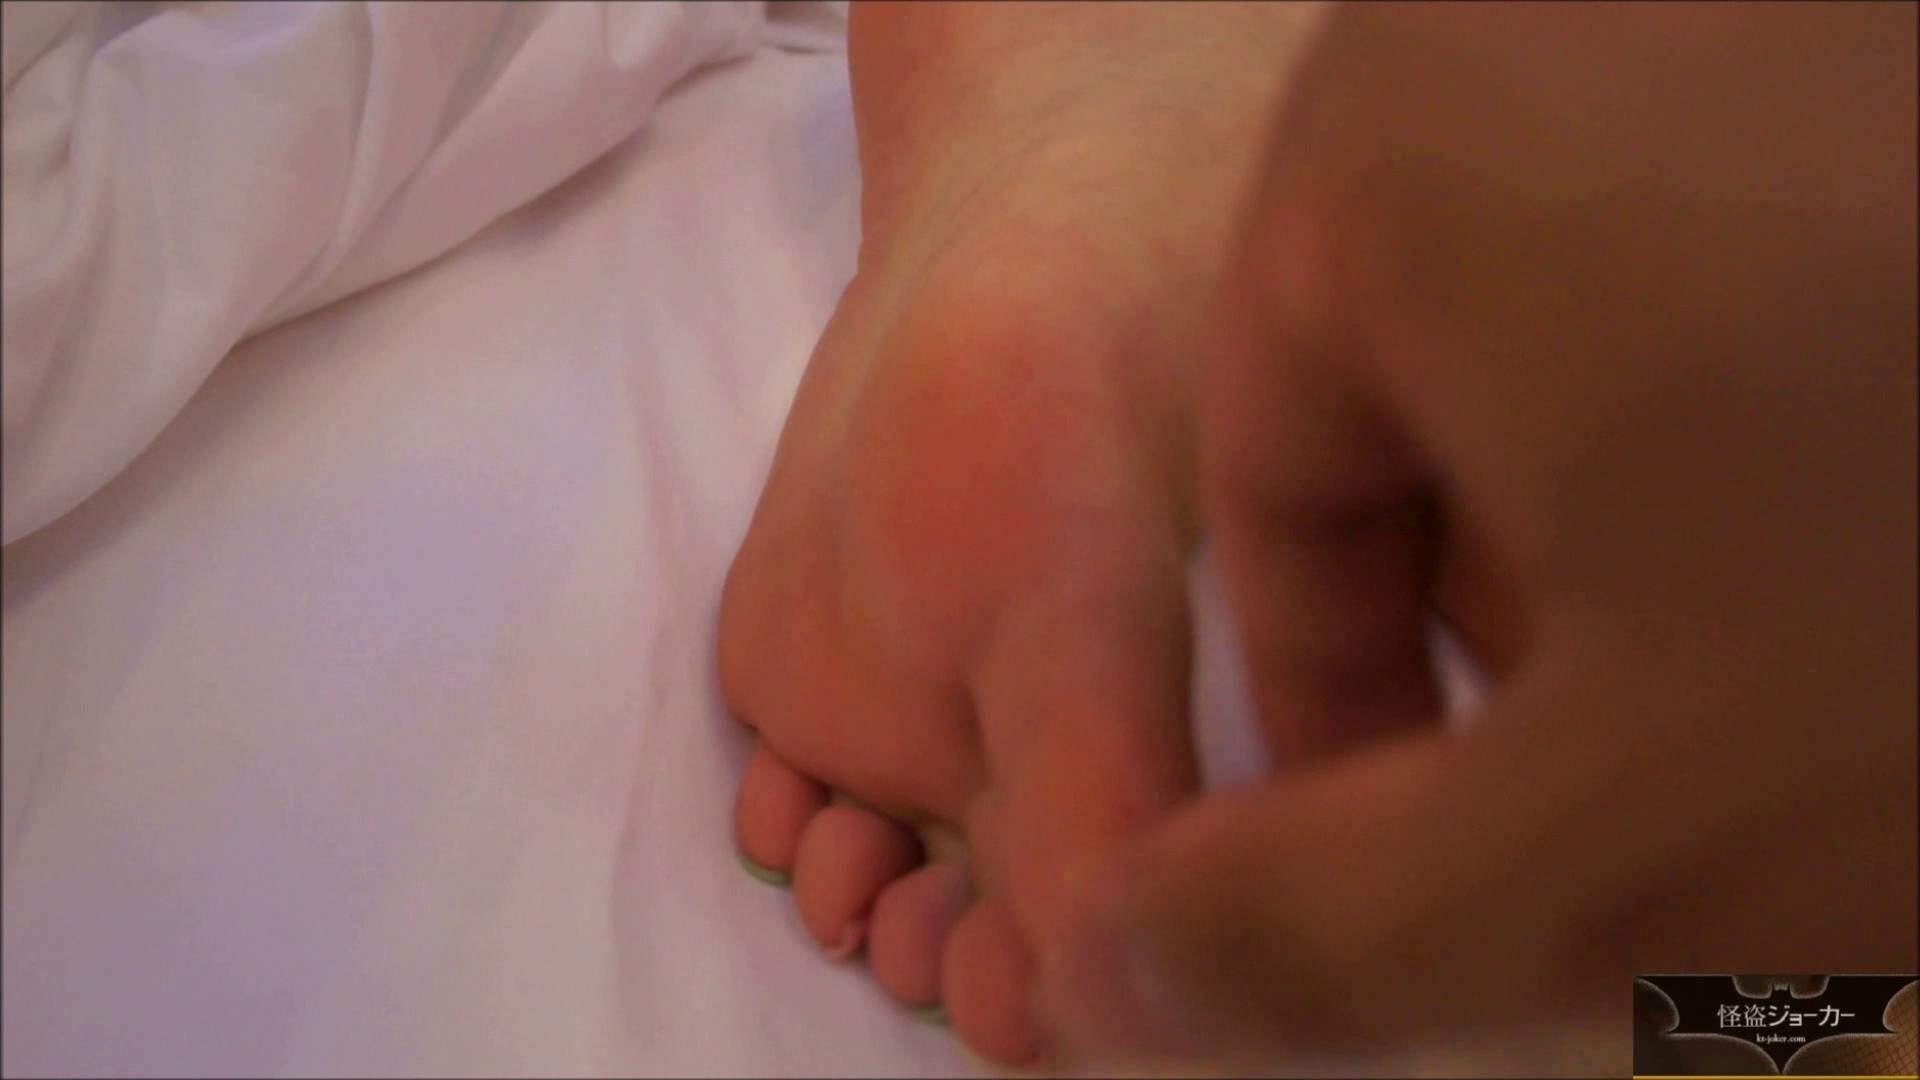 【未公開】vol.11 【美人若妻】早苗さん・・・誘われた夜。 ラブホテル オマンコ動画キャプチャ 99枚 31